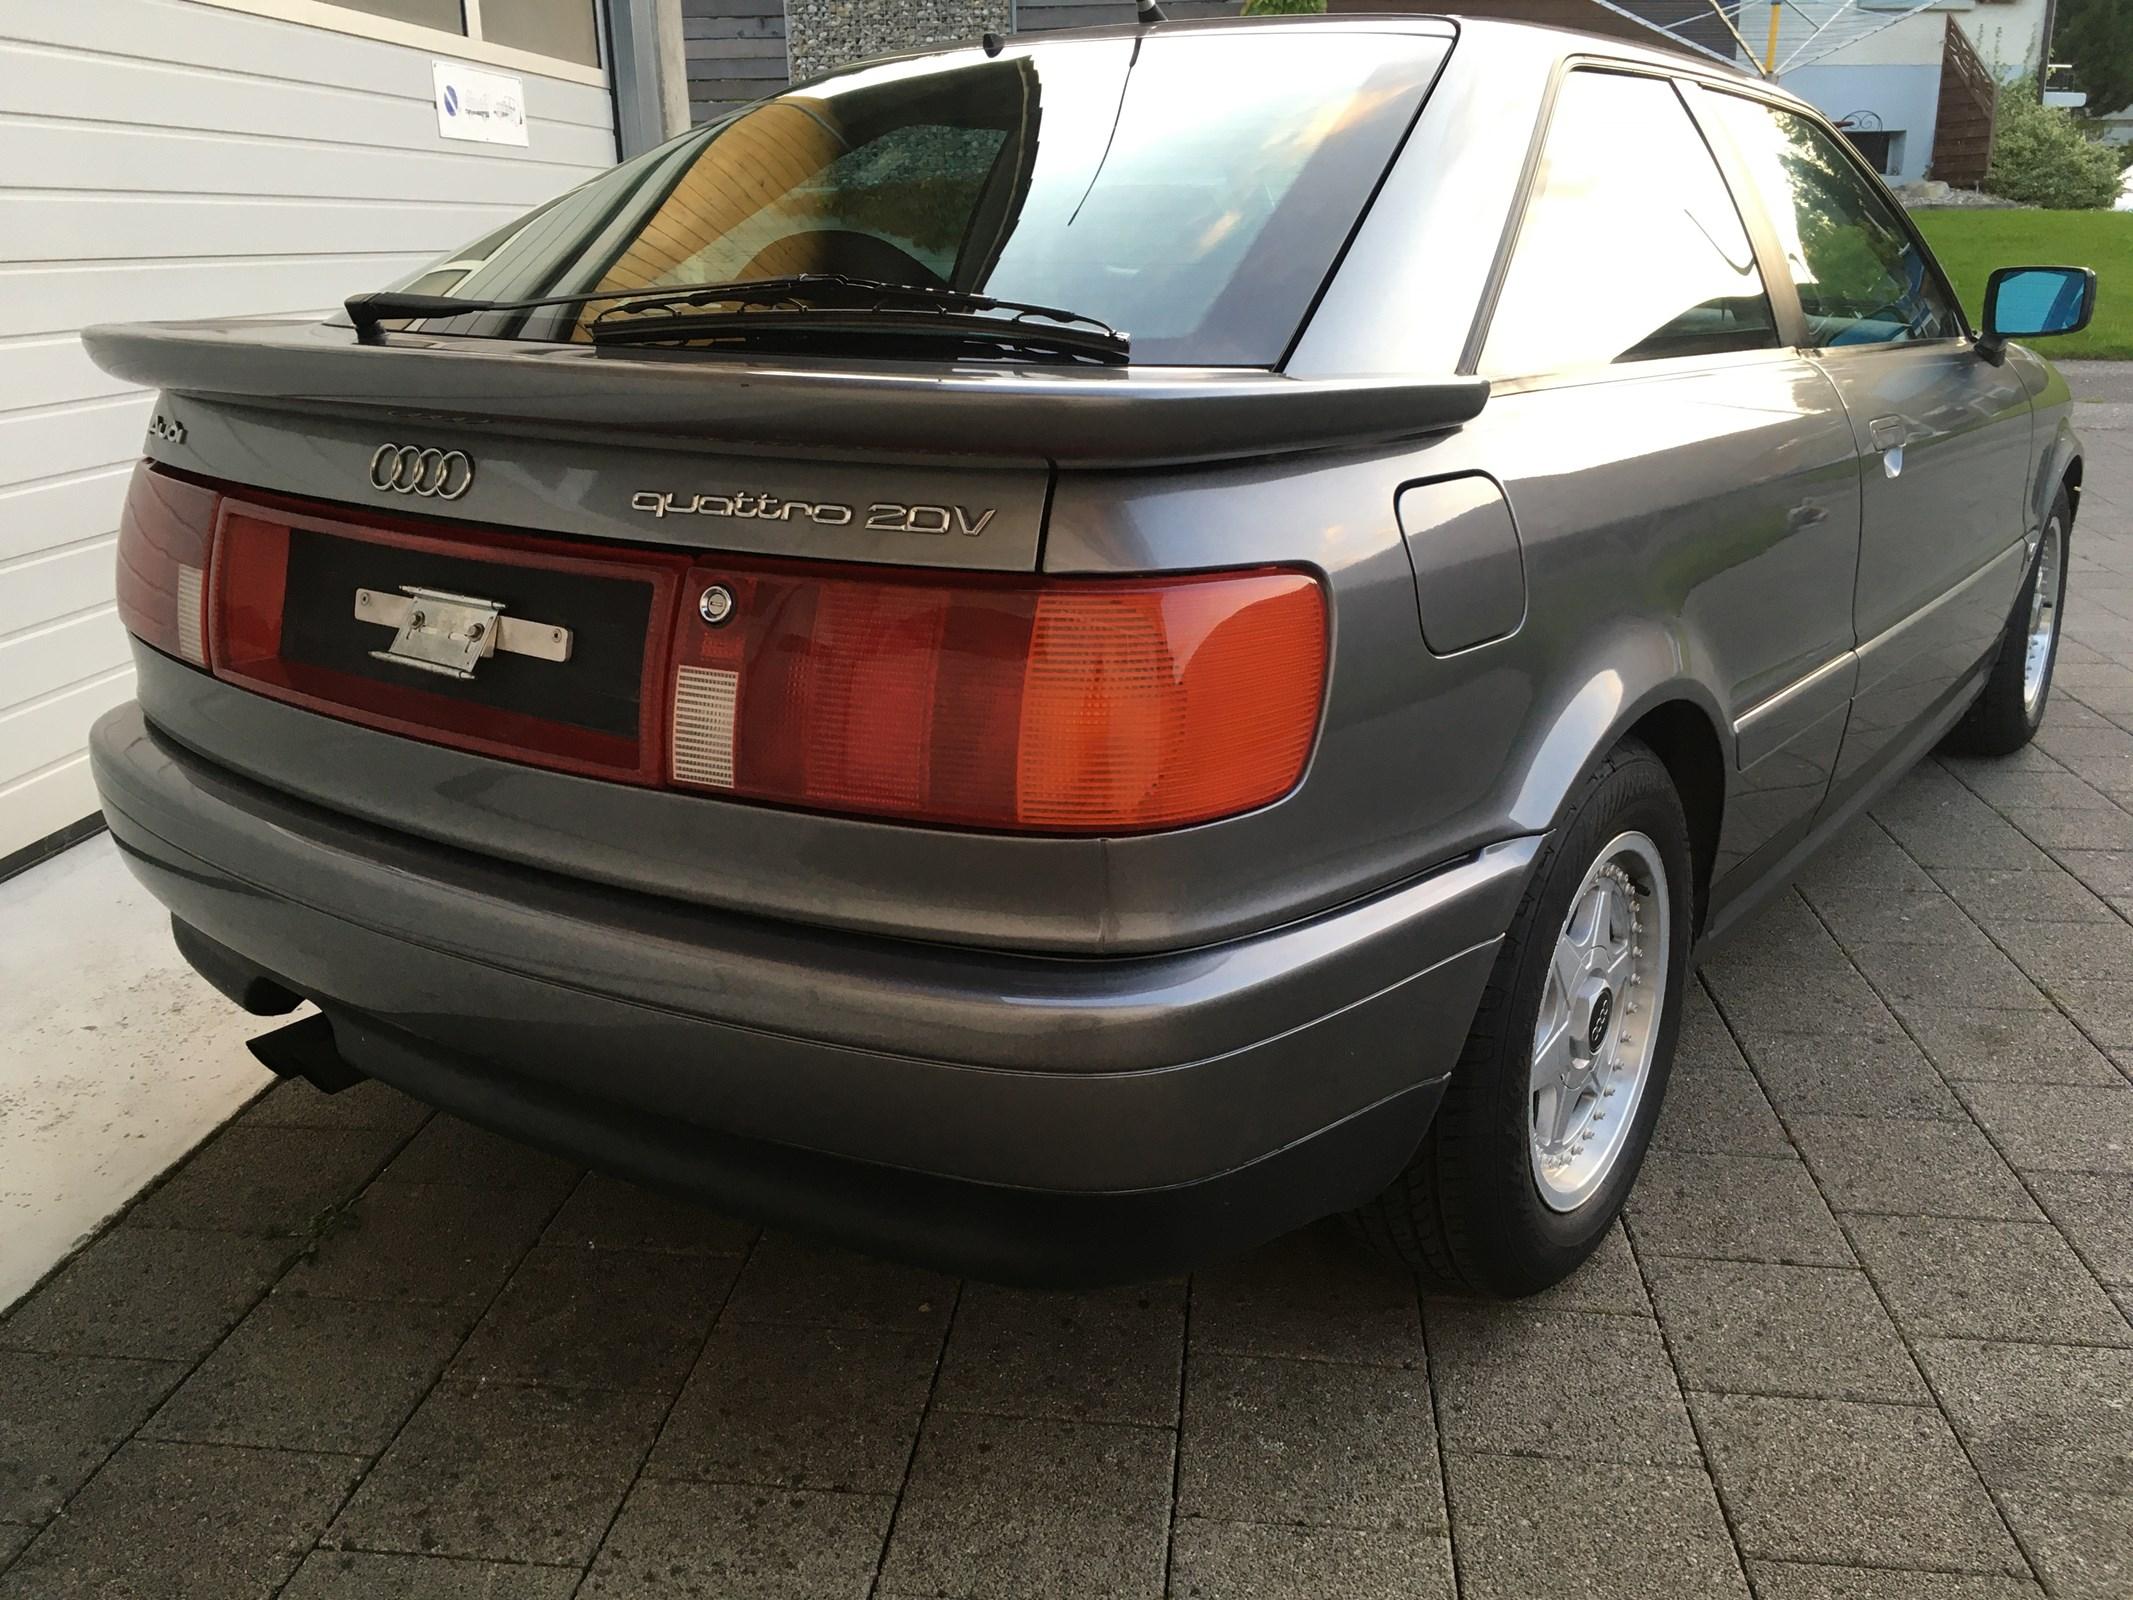 Audi Coupé 2.3 E 20V quattro